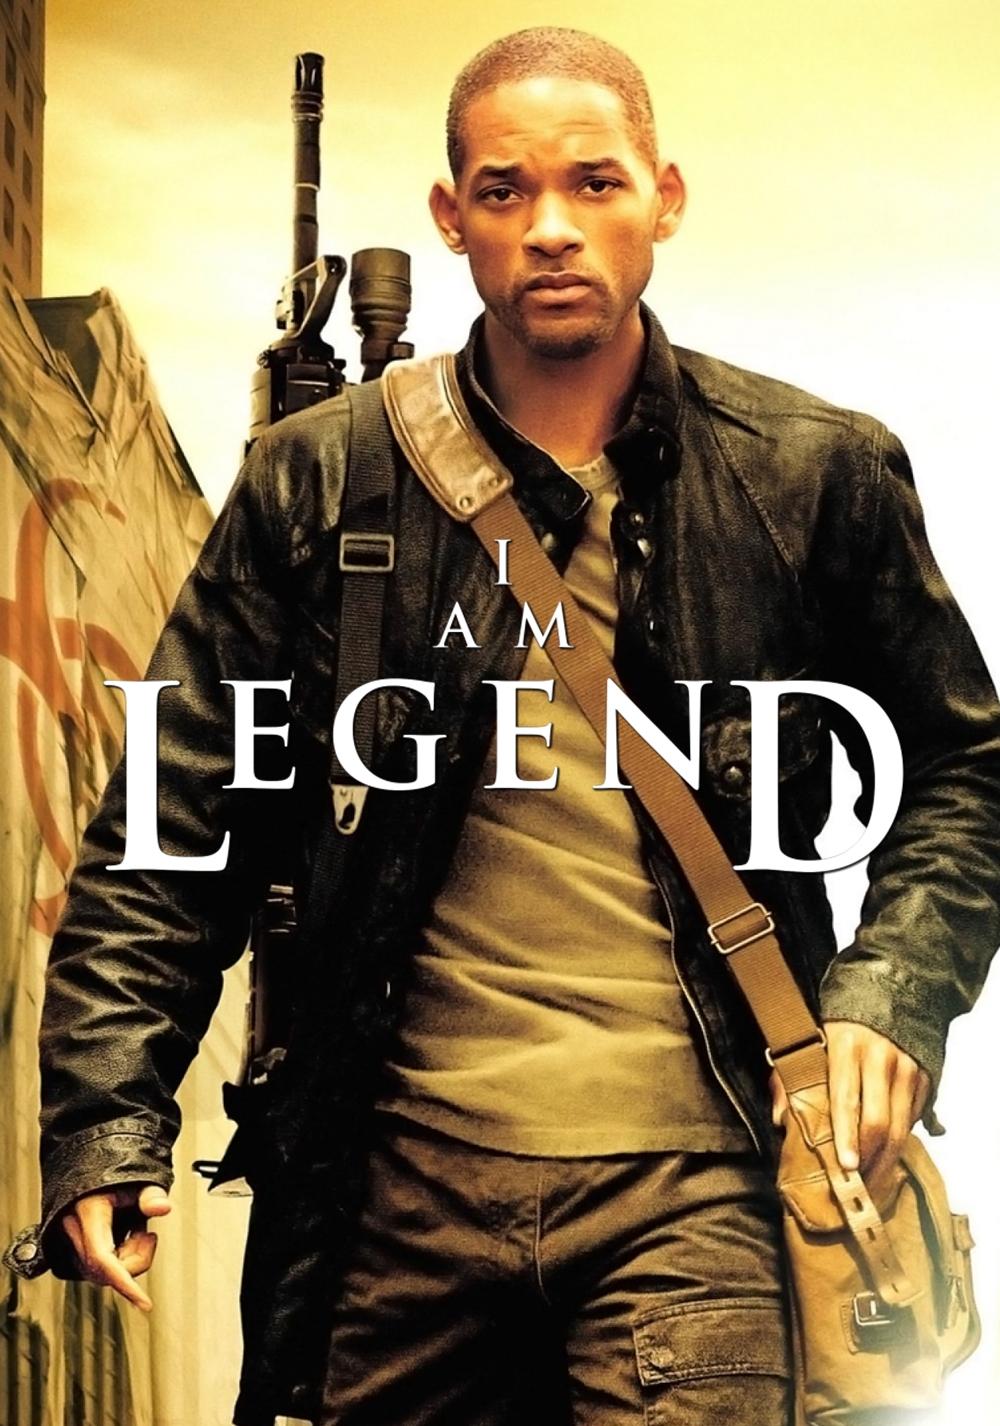 I Am Legend [Blu-ray] [2007] [Region Free] £4.49 (Prime) / £7.48 (non Prime) at Amazon